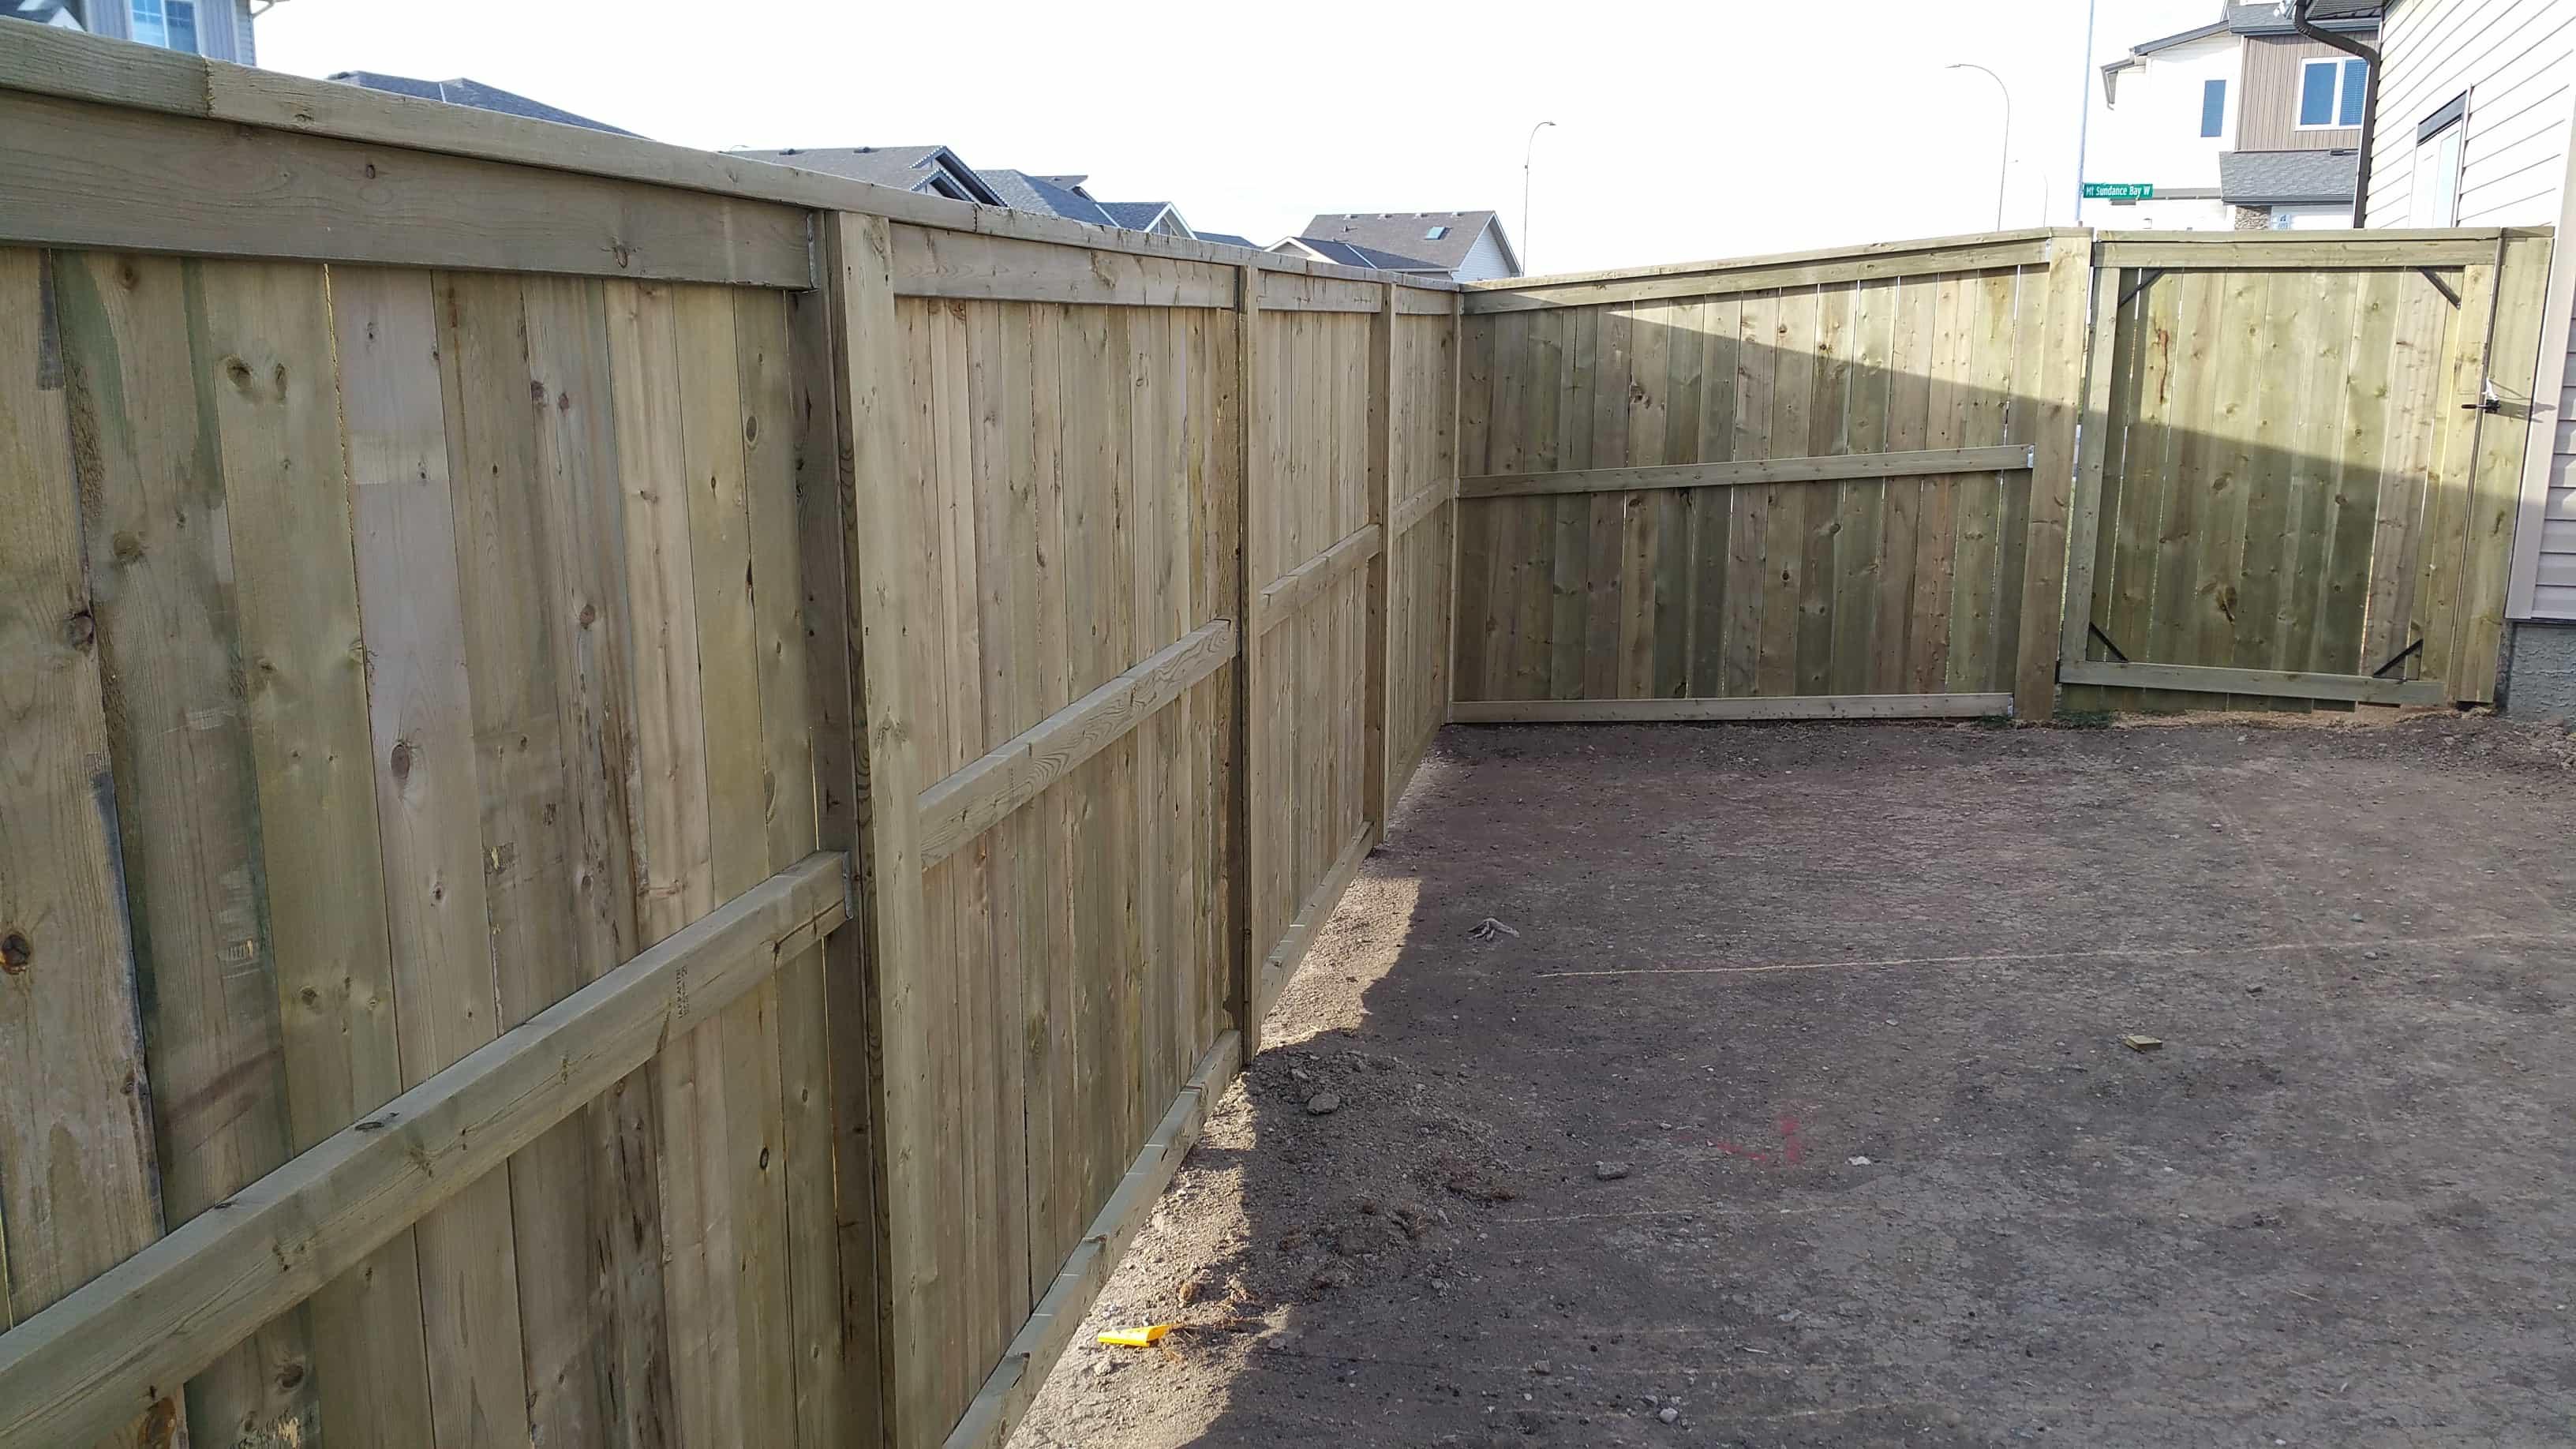 Treated wood Fence